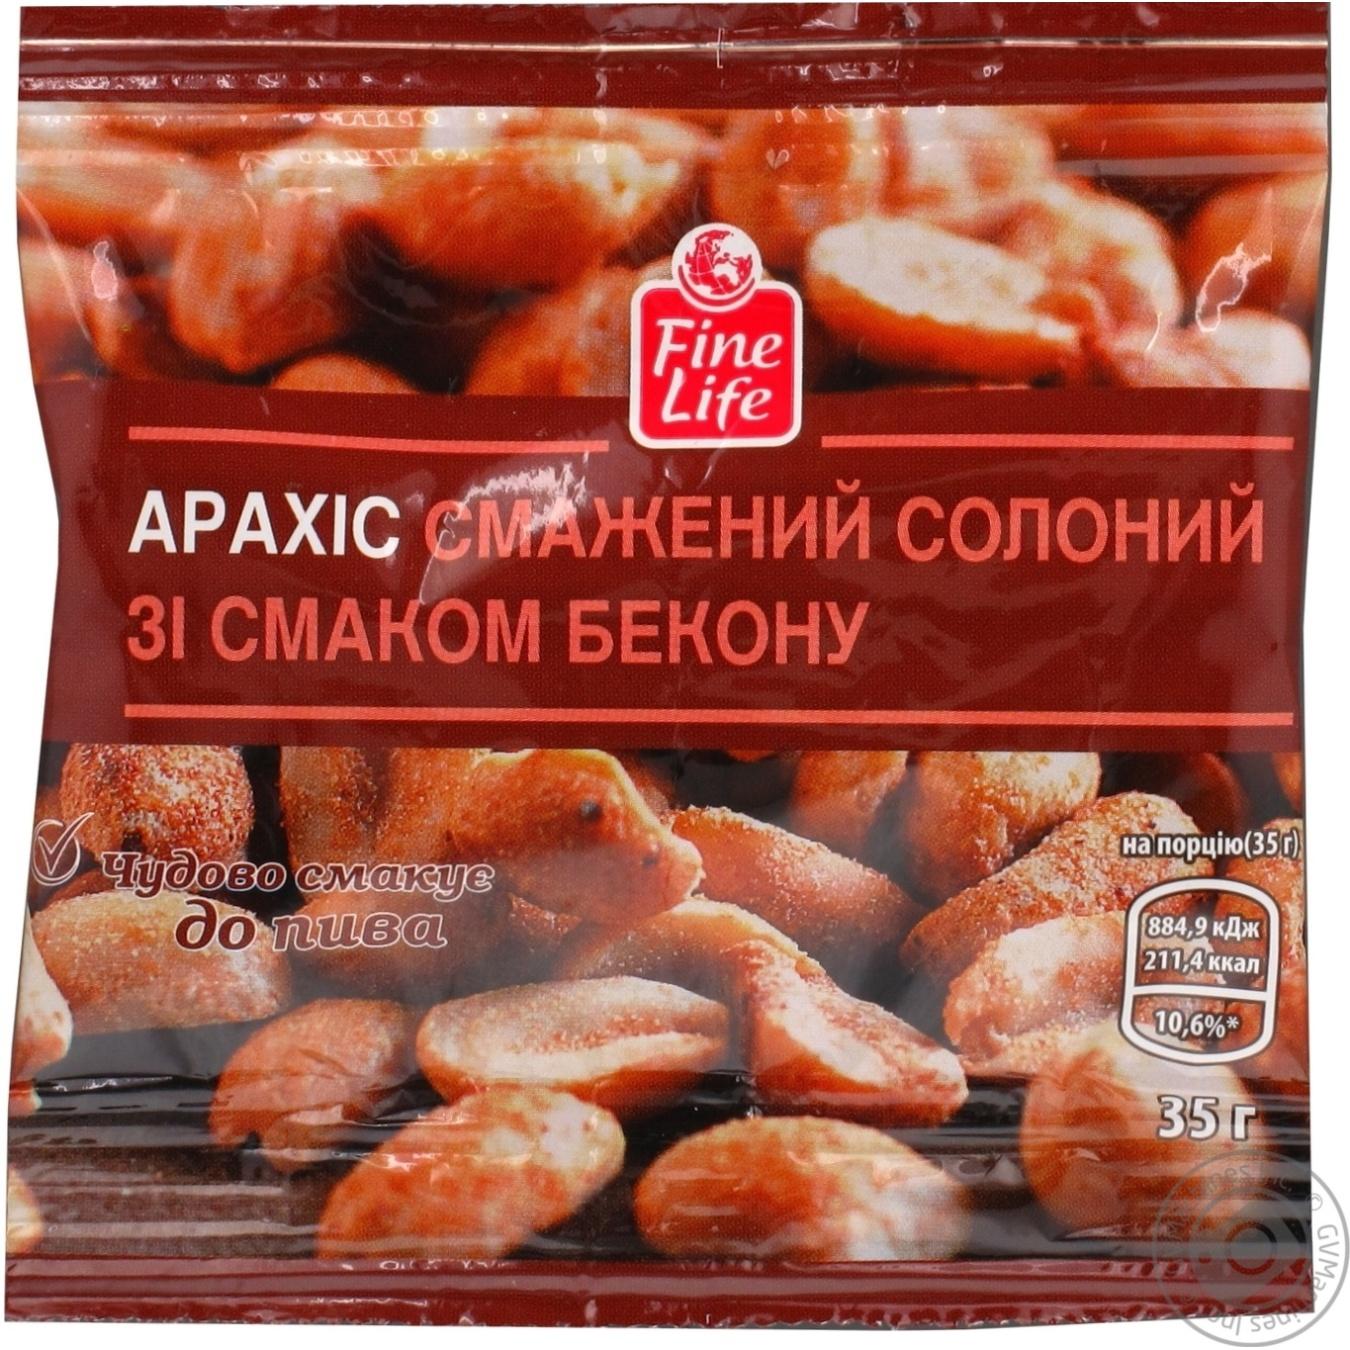 Арахис Fine Life жаренный соленый со вкусом бекона 35г